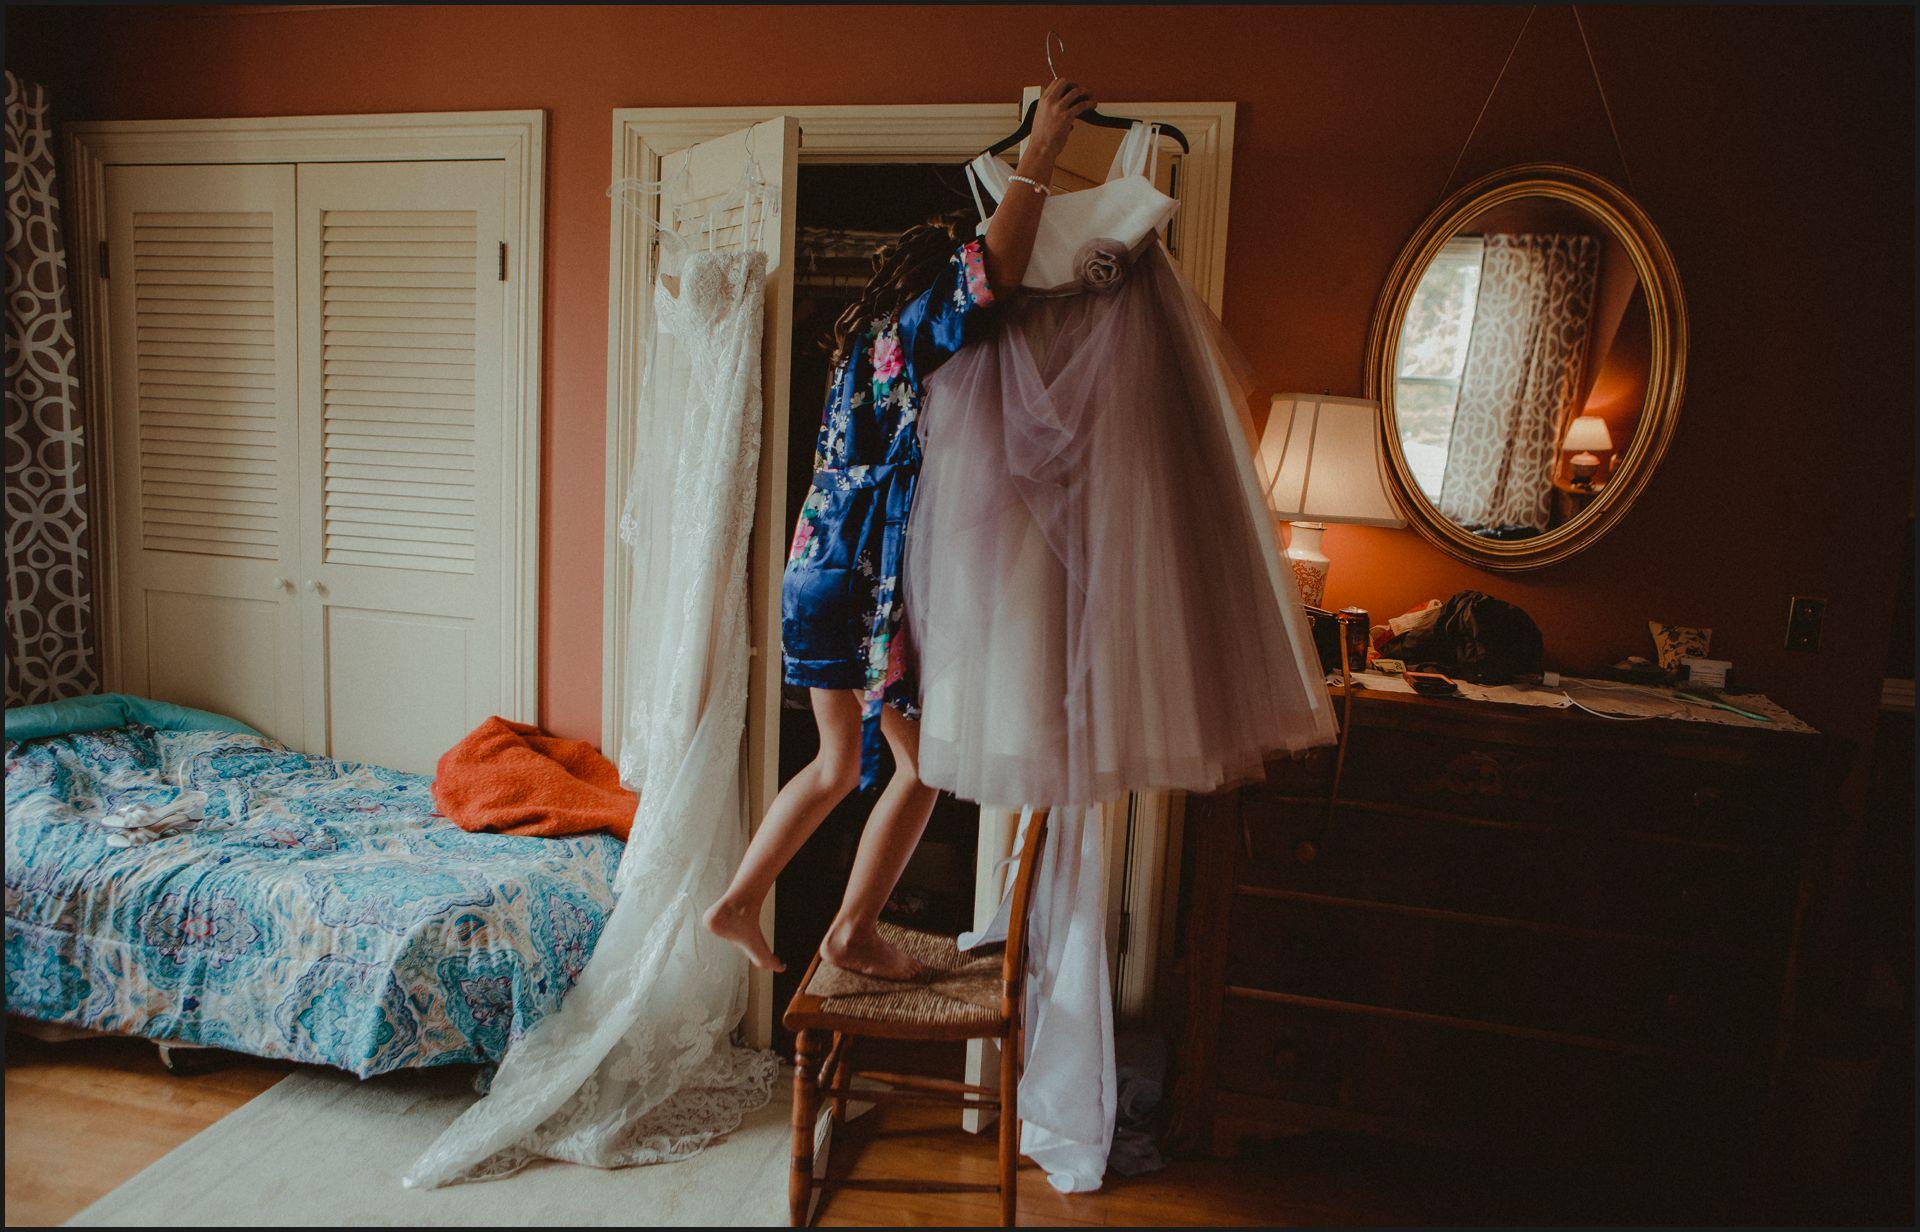 wedding dress, child, bride preparation, wedding preparation, pink dress